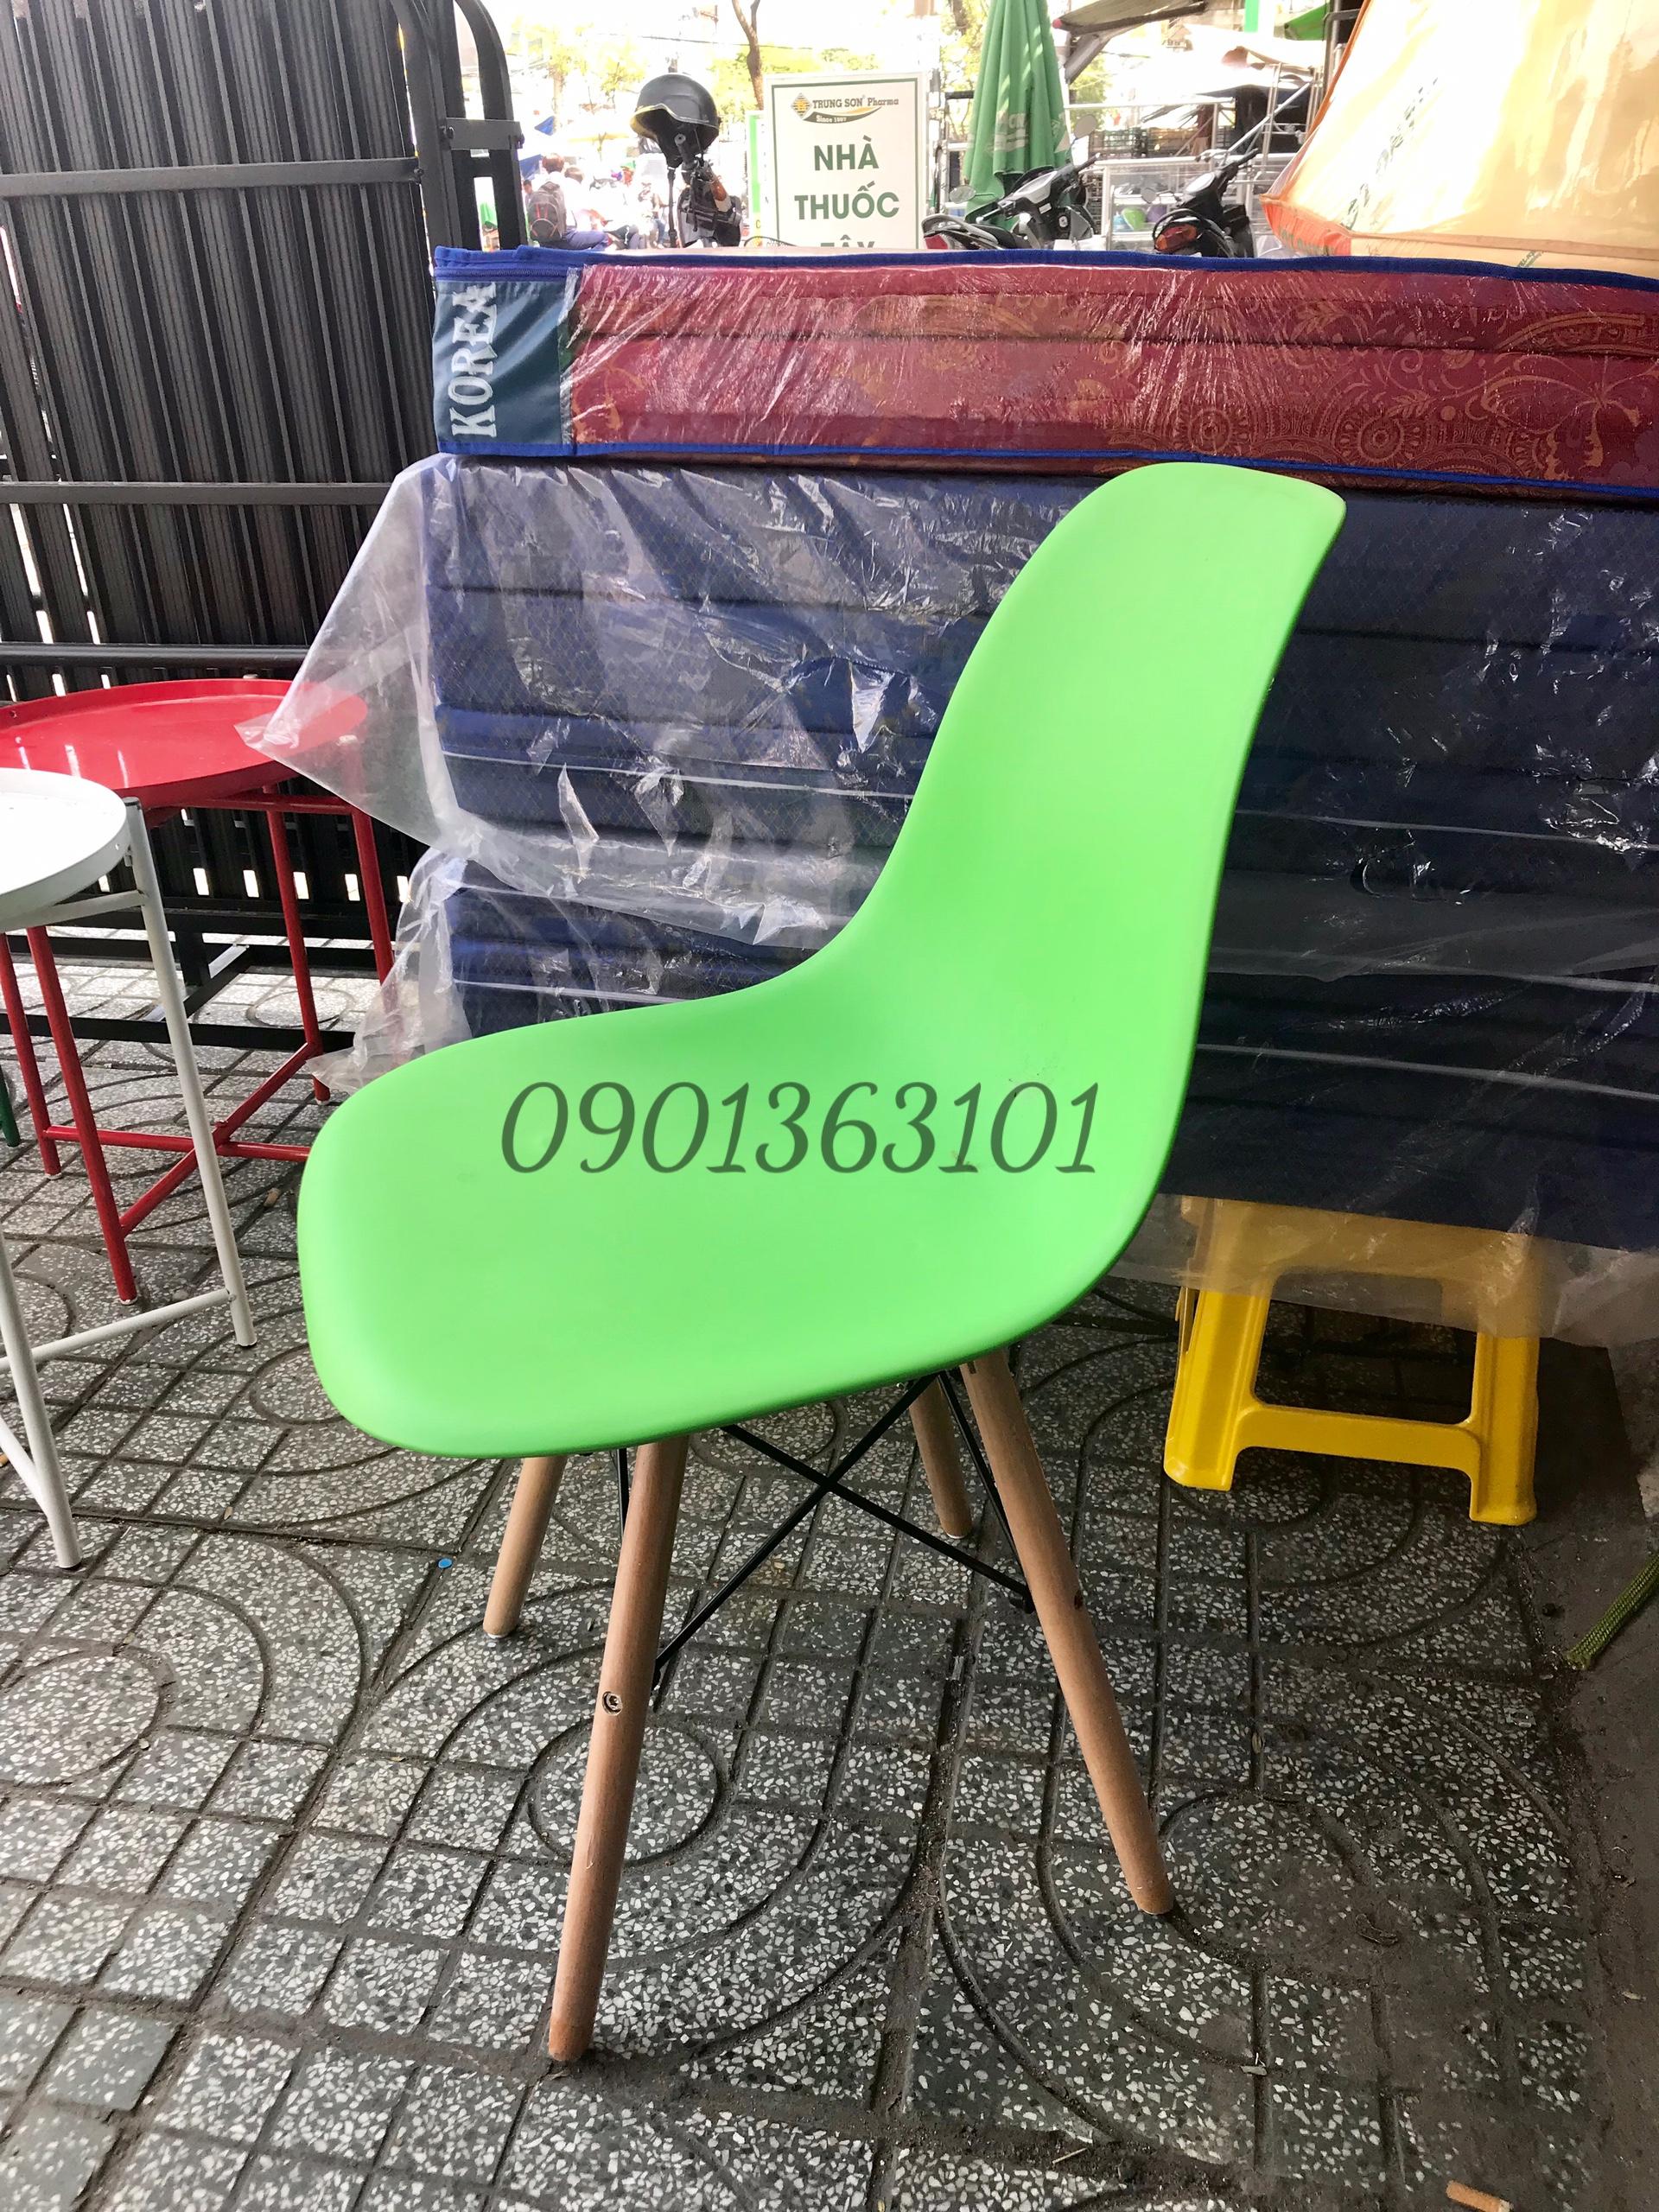 Z2173506651979 Af1238c06ddfad18501c58c91483d97f